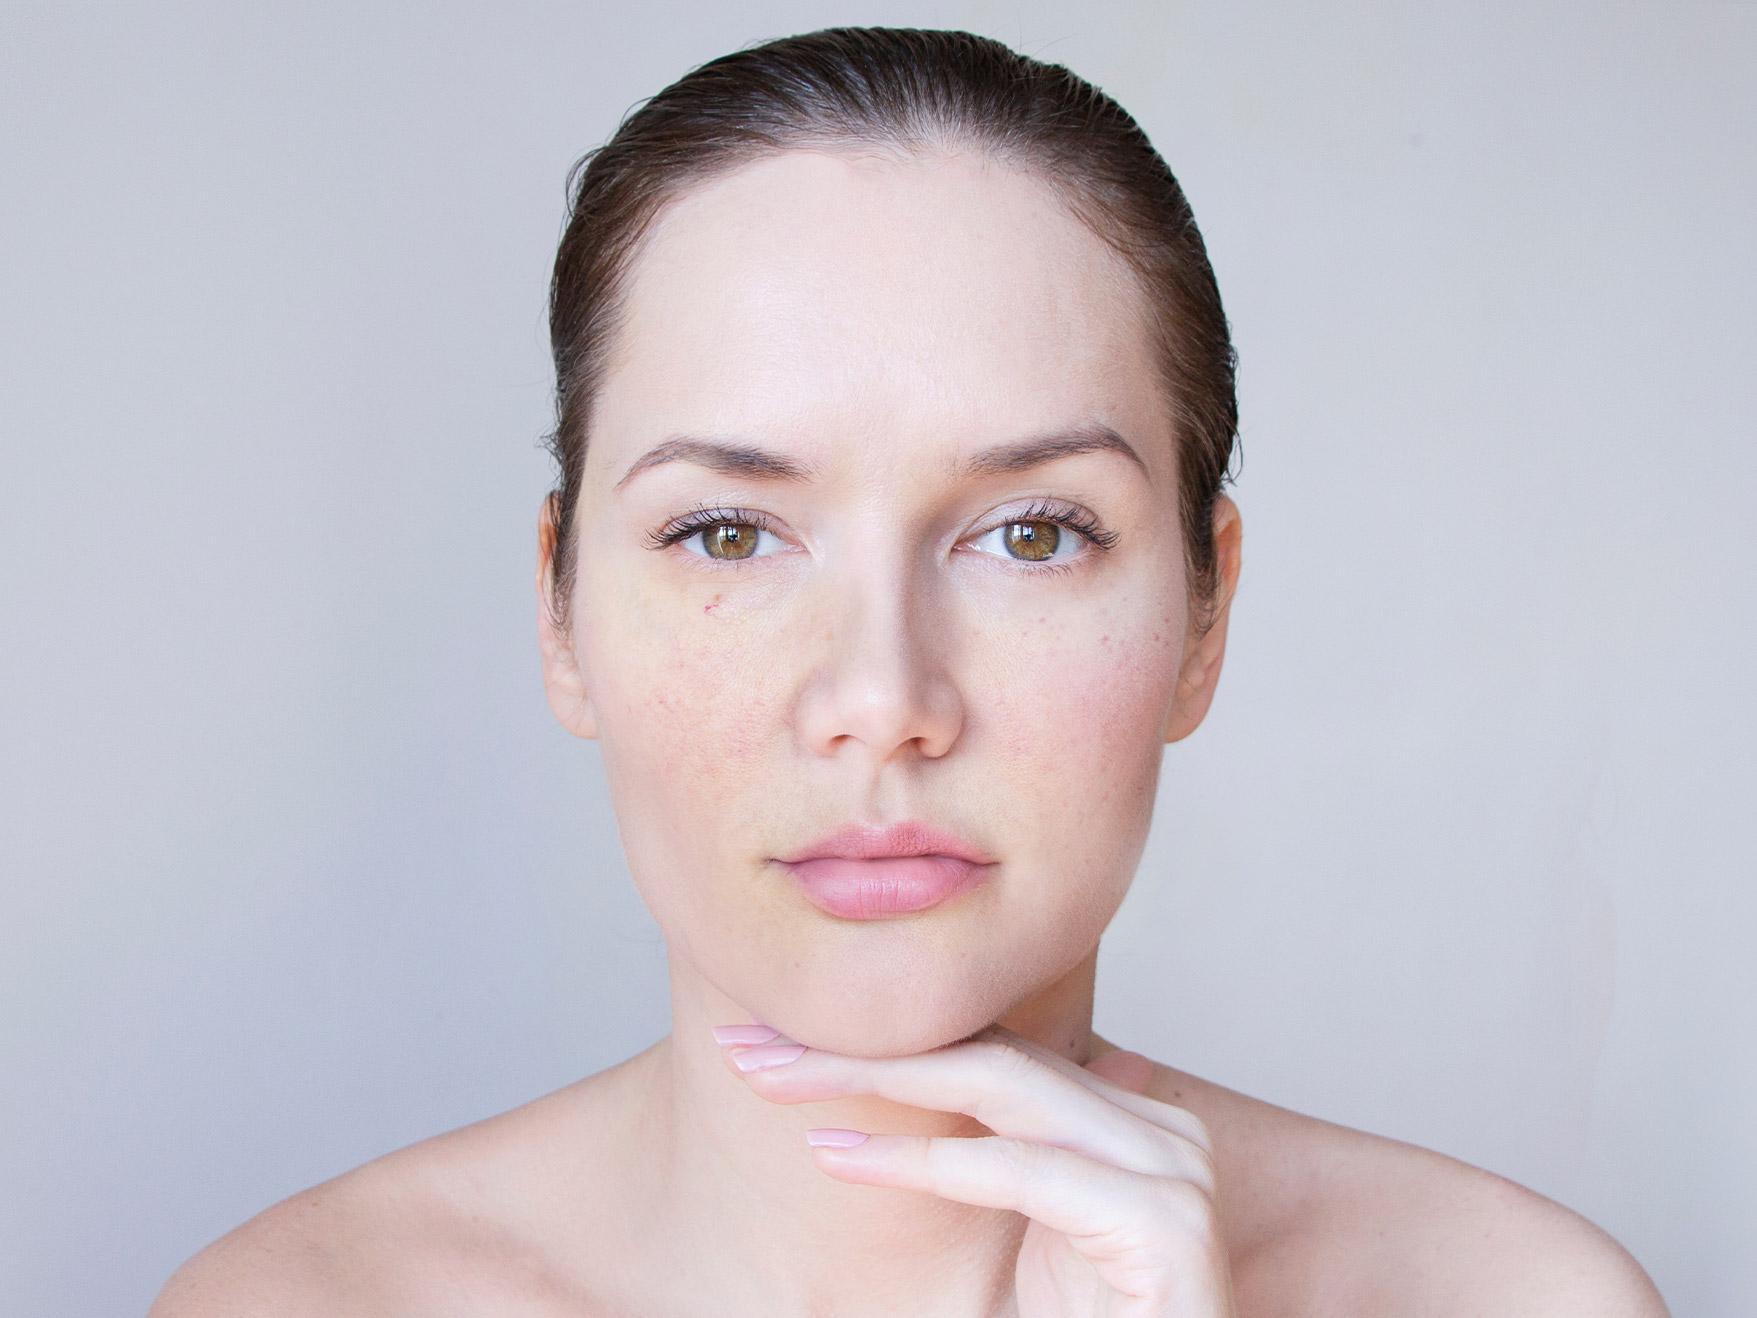 co na rozszerzone naczynka na twarzy? Kosmetyki tołpa.® dermo face rosacal